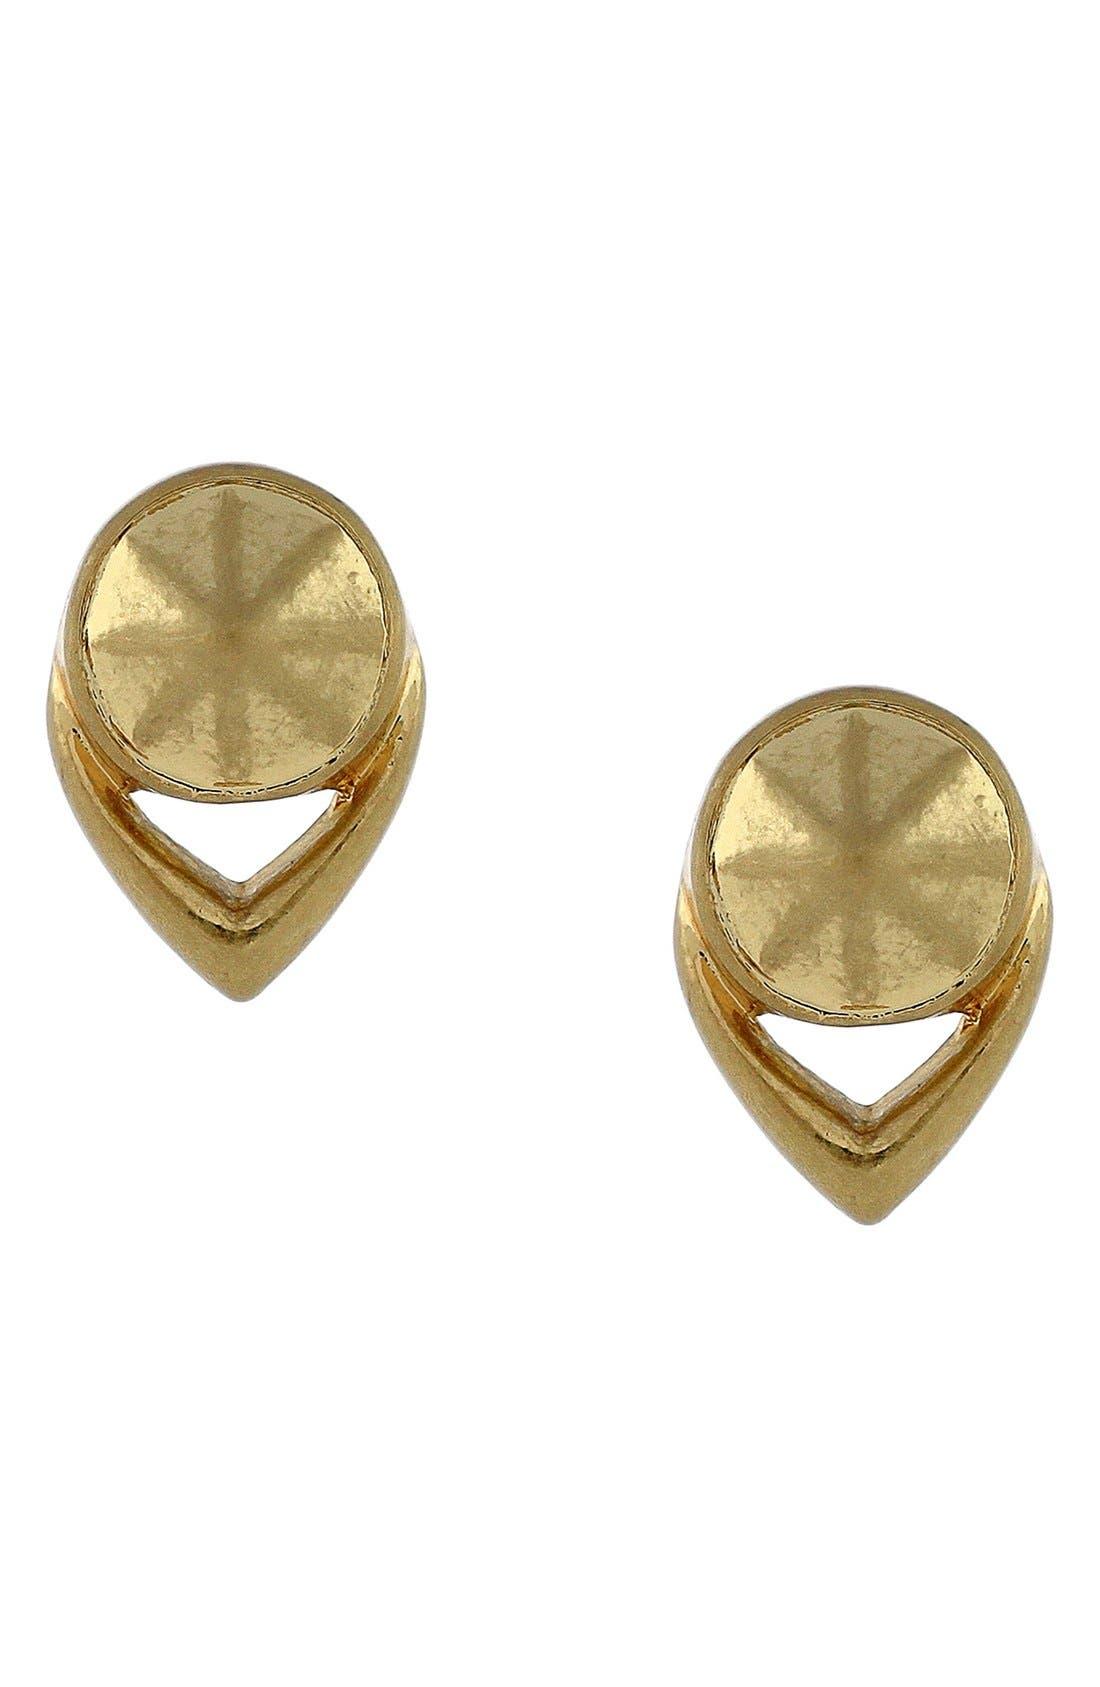 Main Image - Vince Camuto 'Belle of the Bazaar' Stud Earrings